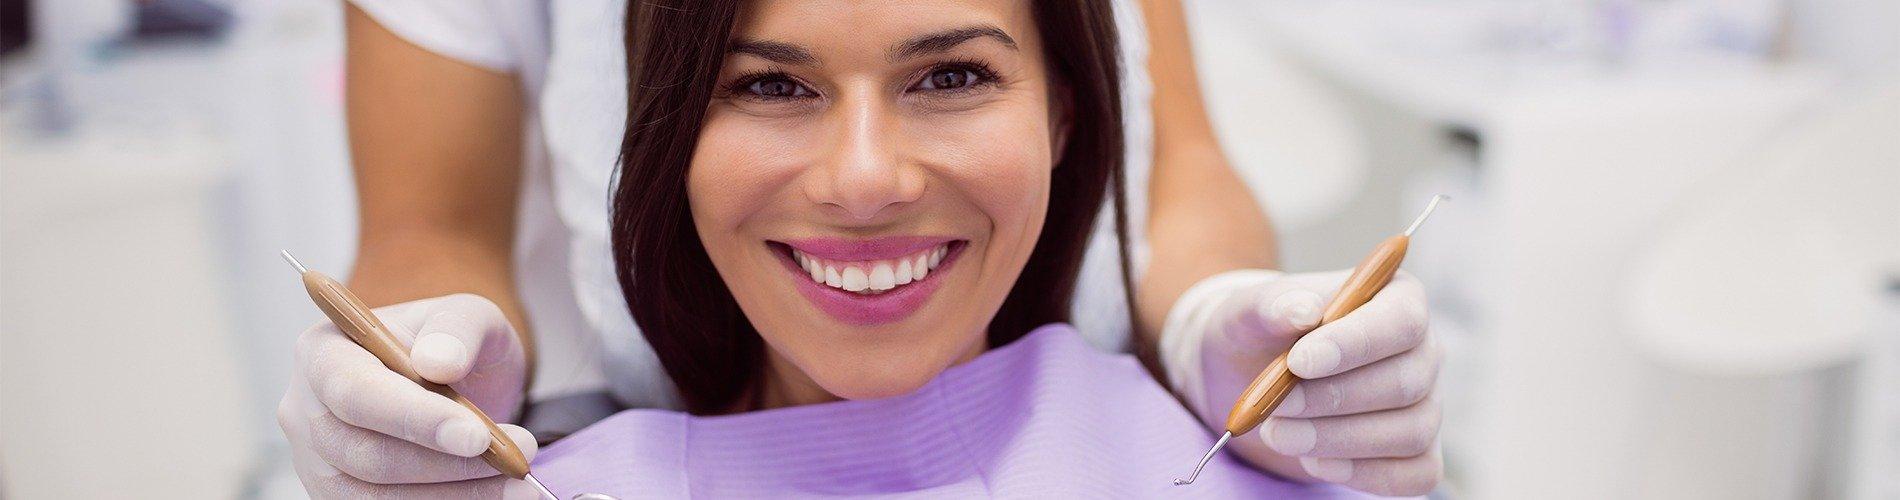 Cómo conseguir la sonrisa perfecta